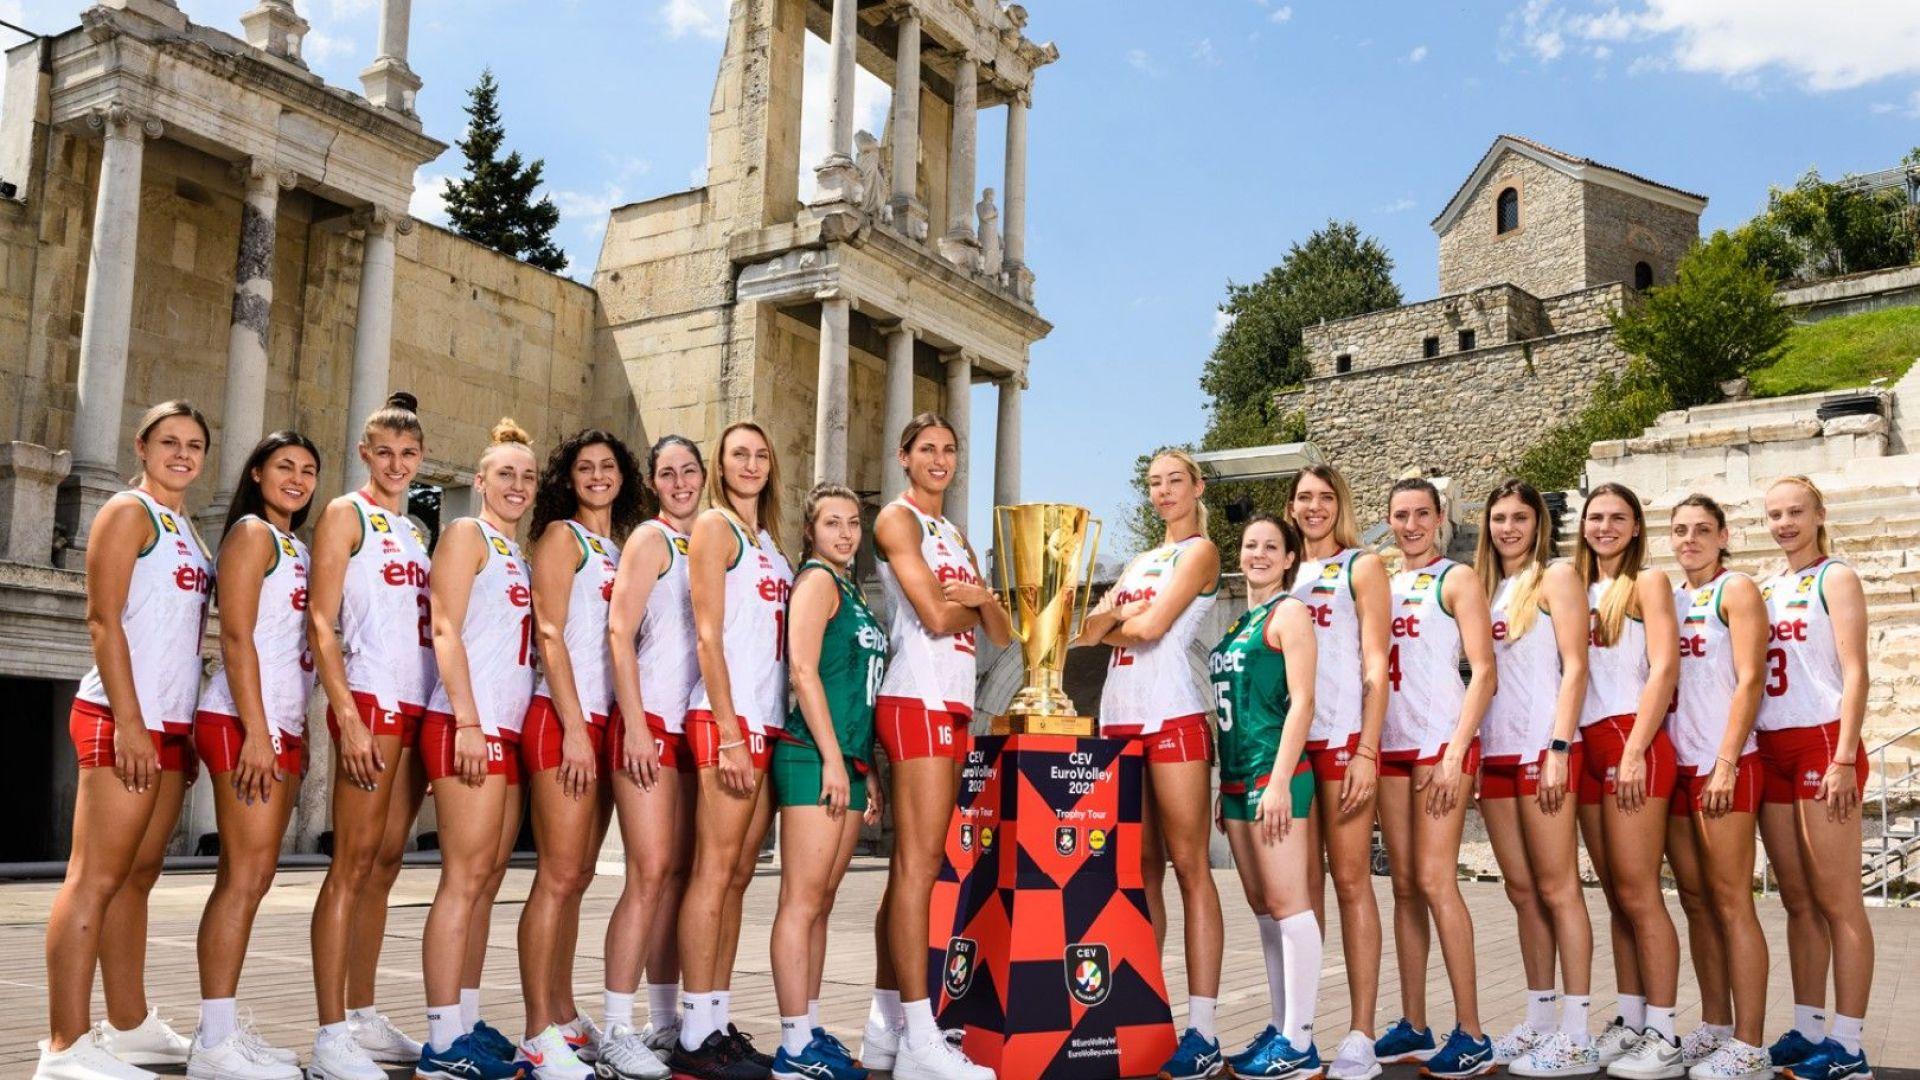 Волейболистките се снимаха с европейската купа на Античния театър